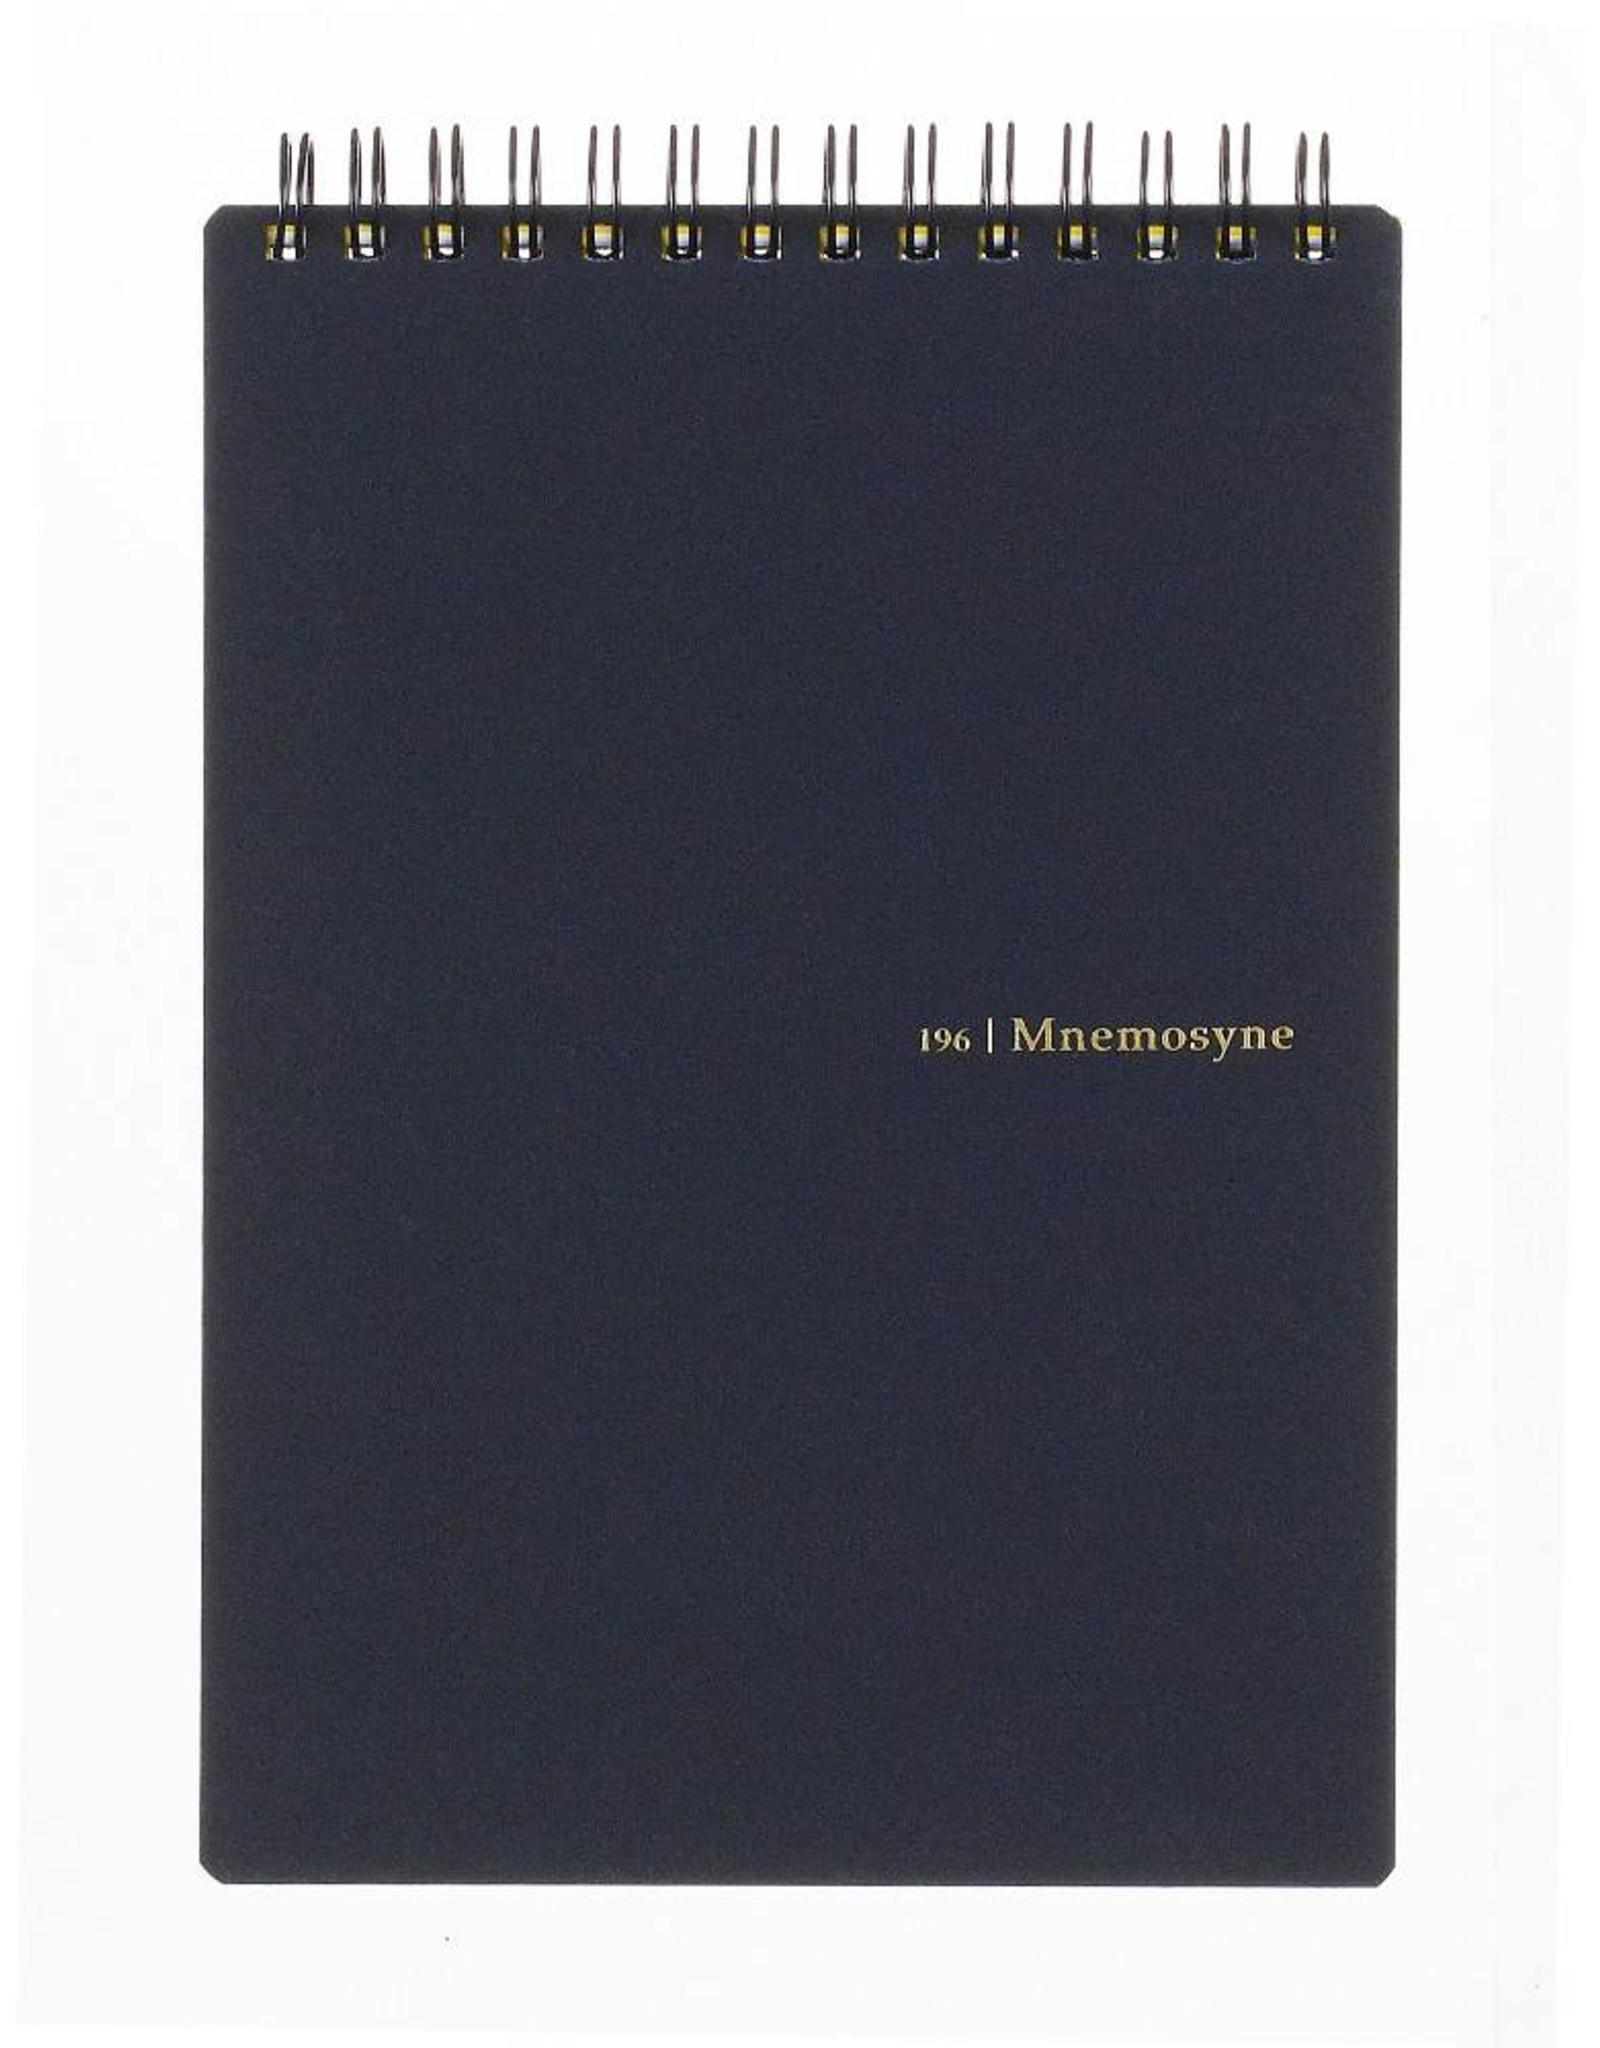 MARUMAN N196A MNEMOSYNE NOTEBOOK 7MM RULED B6